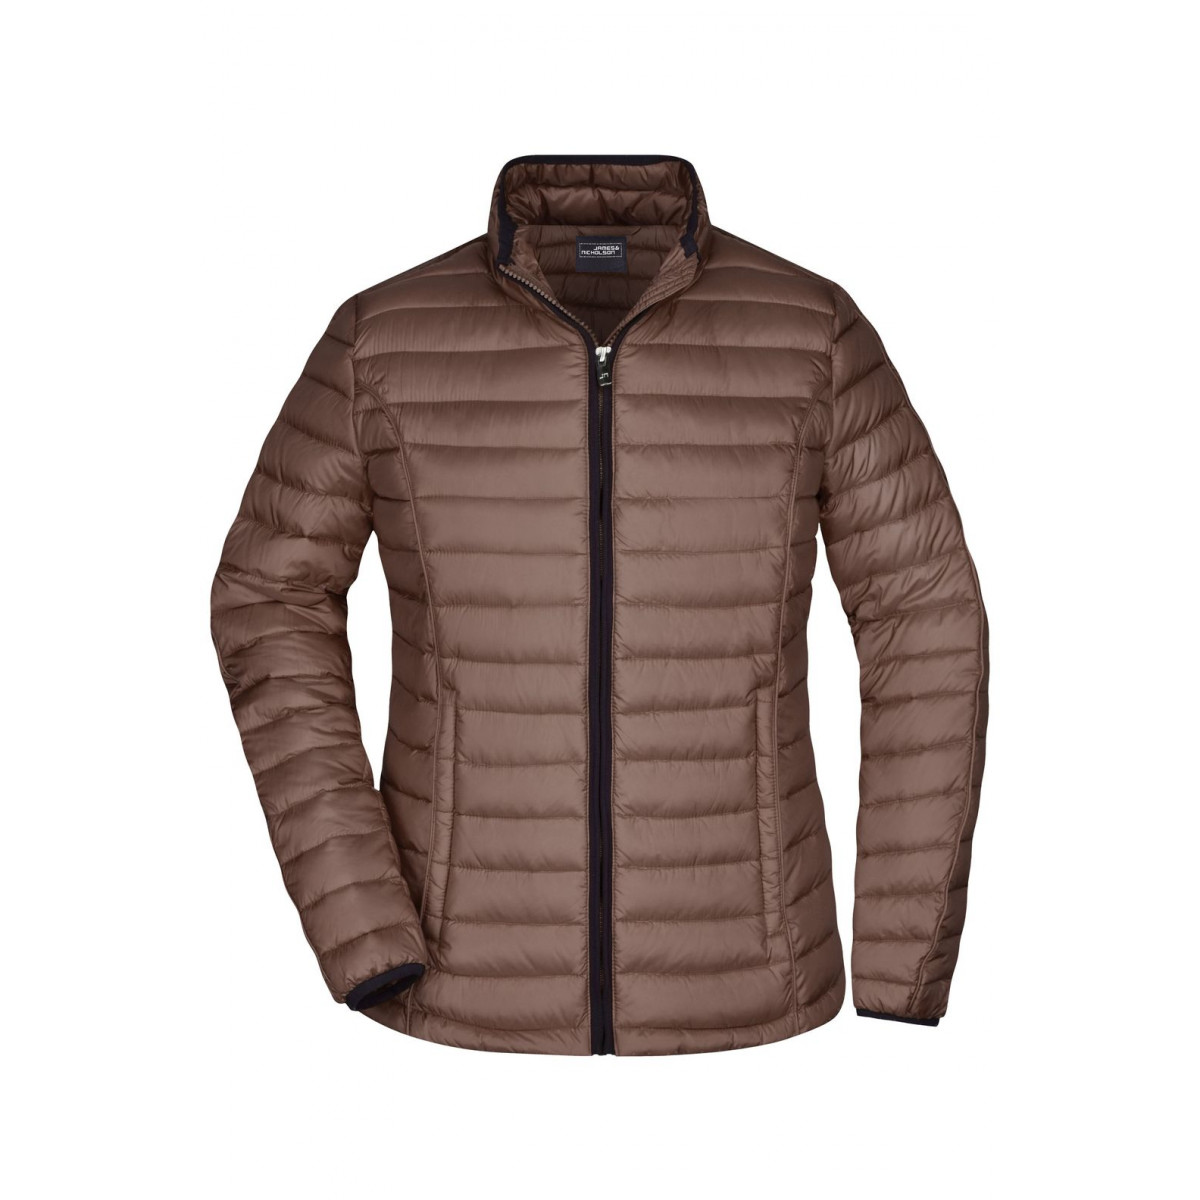 Куртка женская JN1081 Ladies Quilted Down Jacket - Коричневый/Черный